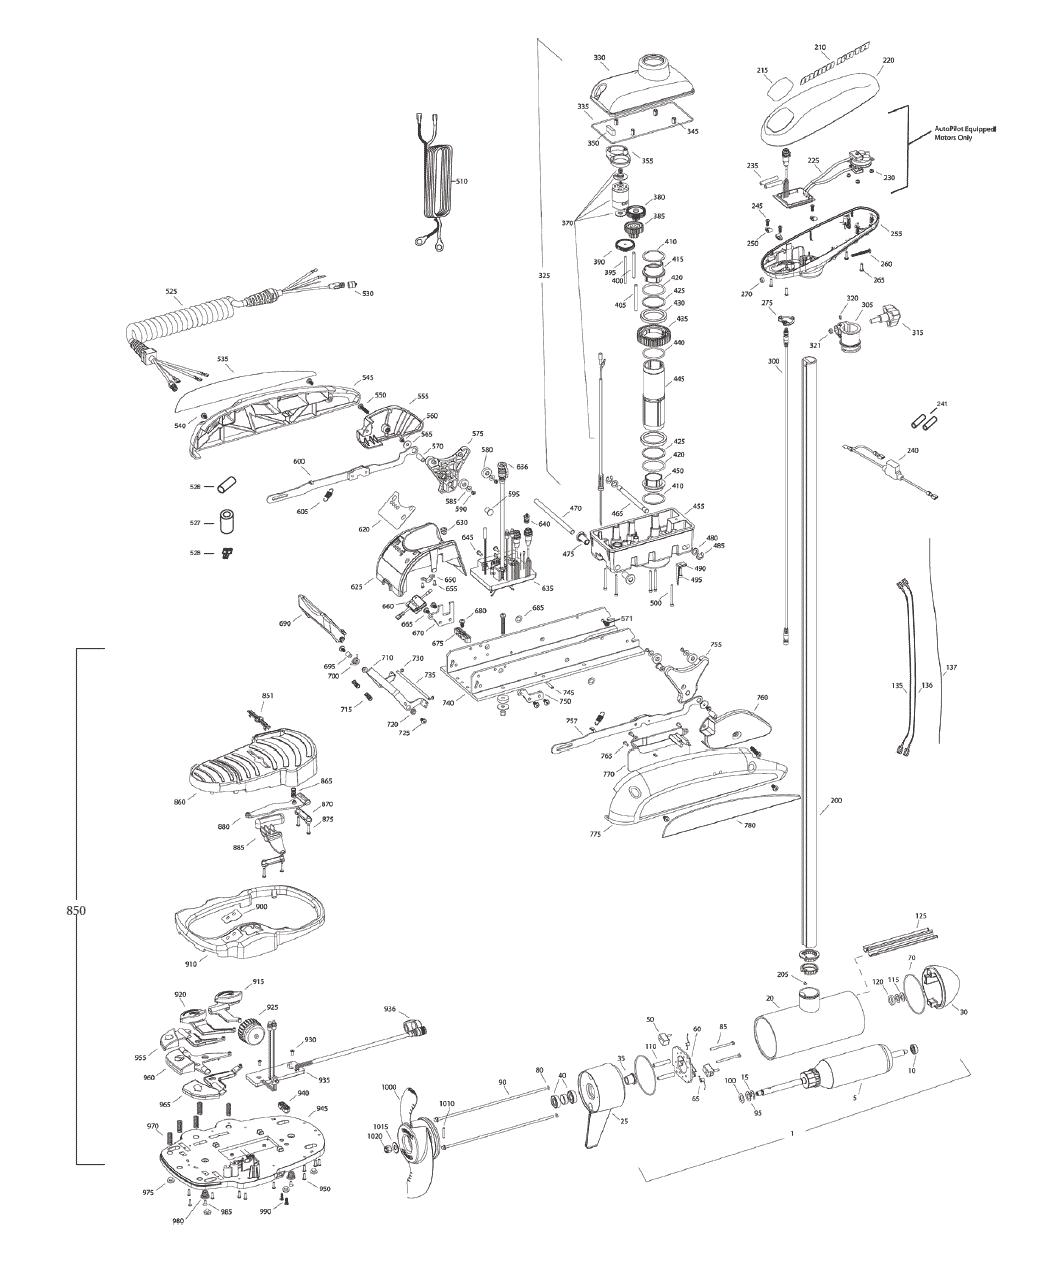 minn kota wiring harness